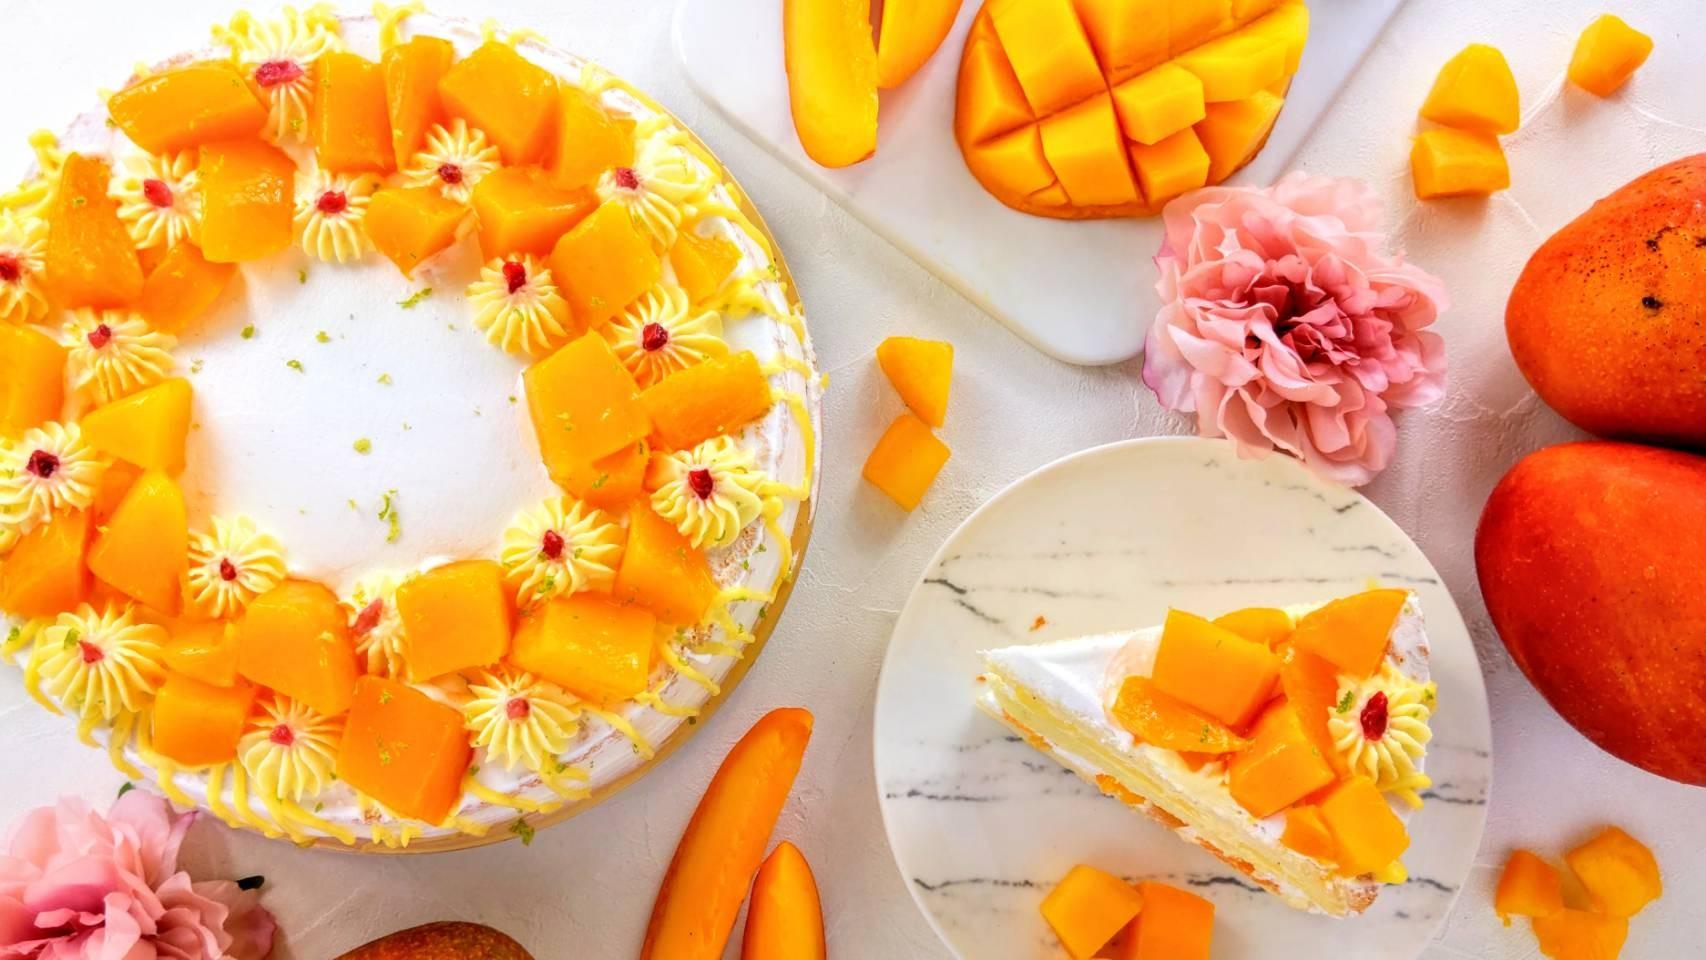 芒滿的愛  #新鮮芒果 #蛋奶素